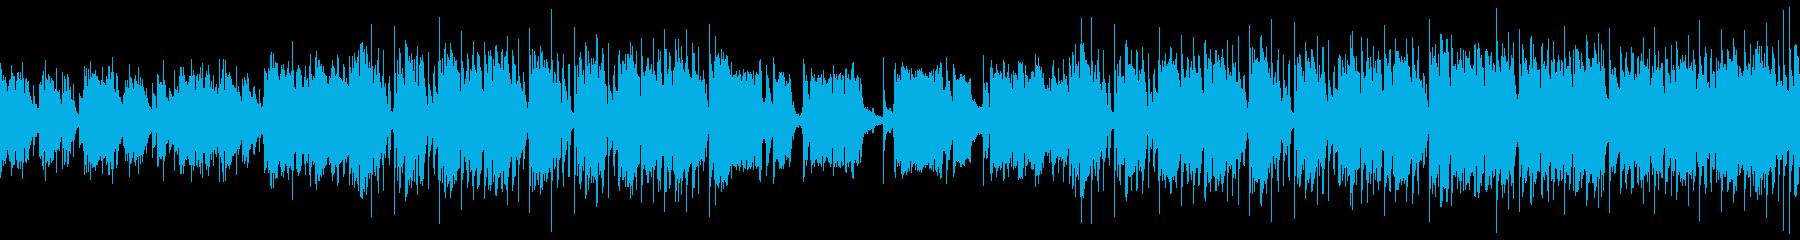 おしゃれでリラックスした映像用ジャズの再生済みの波形